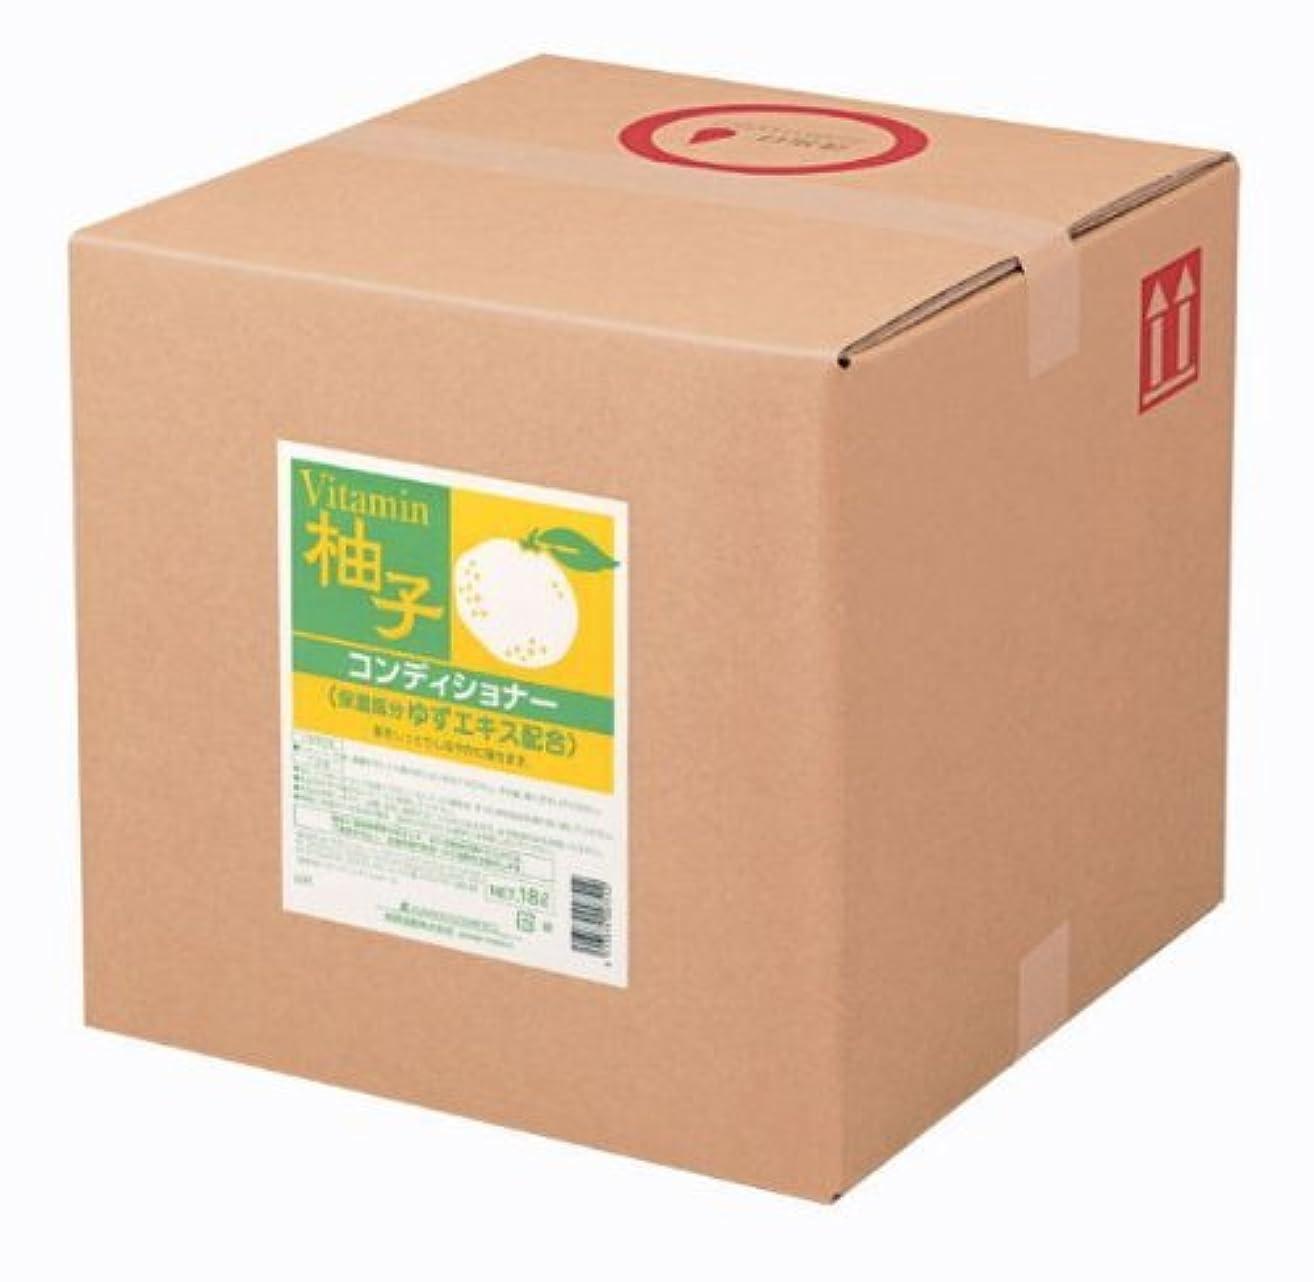 歯オーバードローエキゾチック熊野油脂 業務用 柚子 コンディショナー 18L